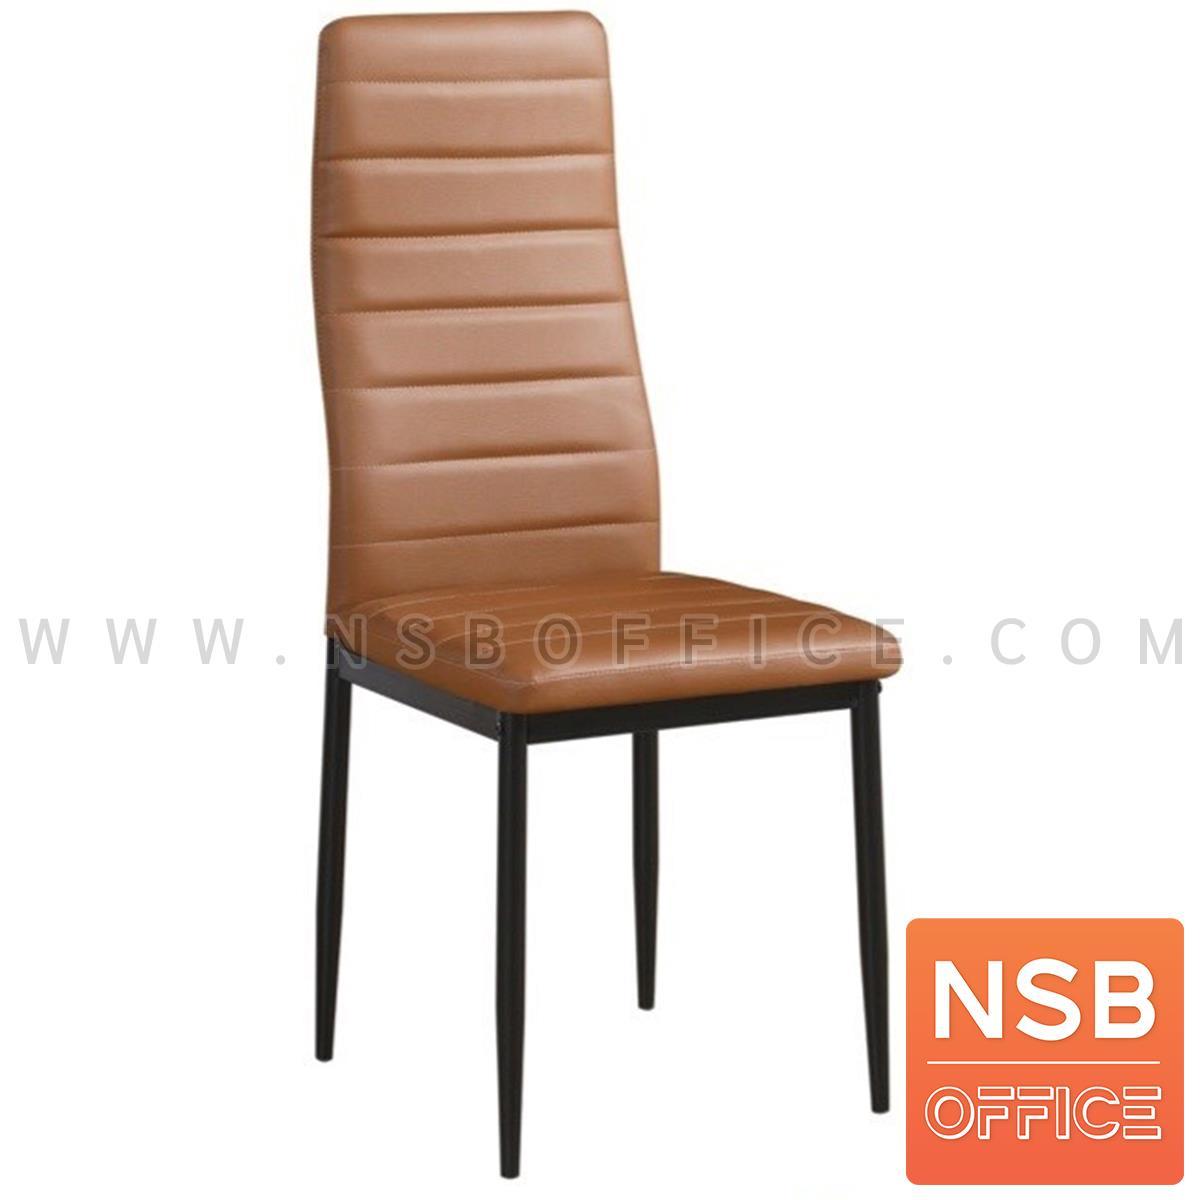 เก้าอี้รับประทานอาหาร รุ่น Cather (คาเธอร์)  หุ้มหนังเทียม ขาเหล็กสีดำ